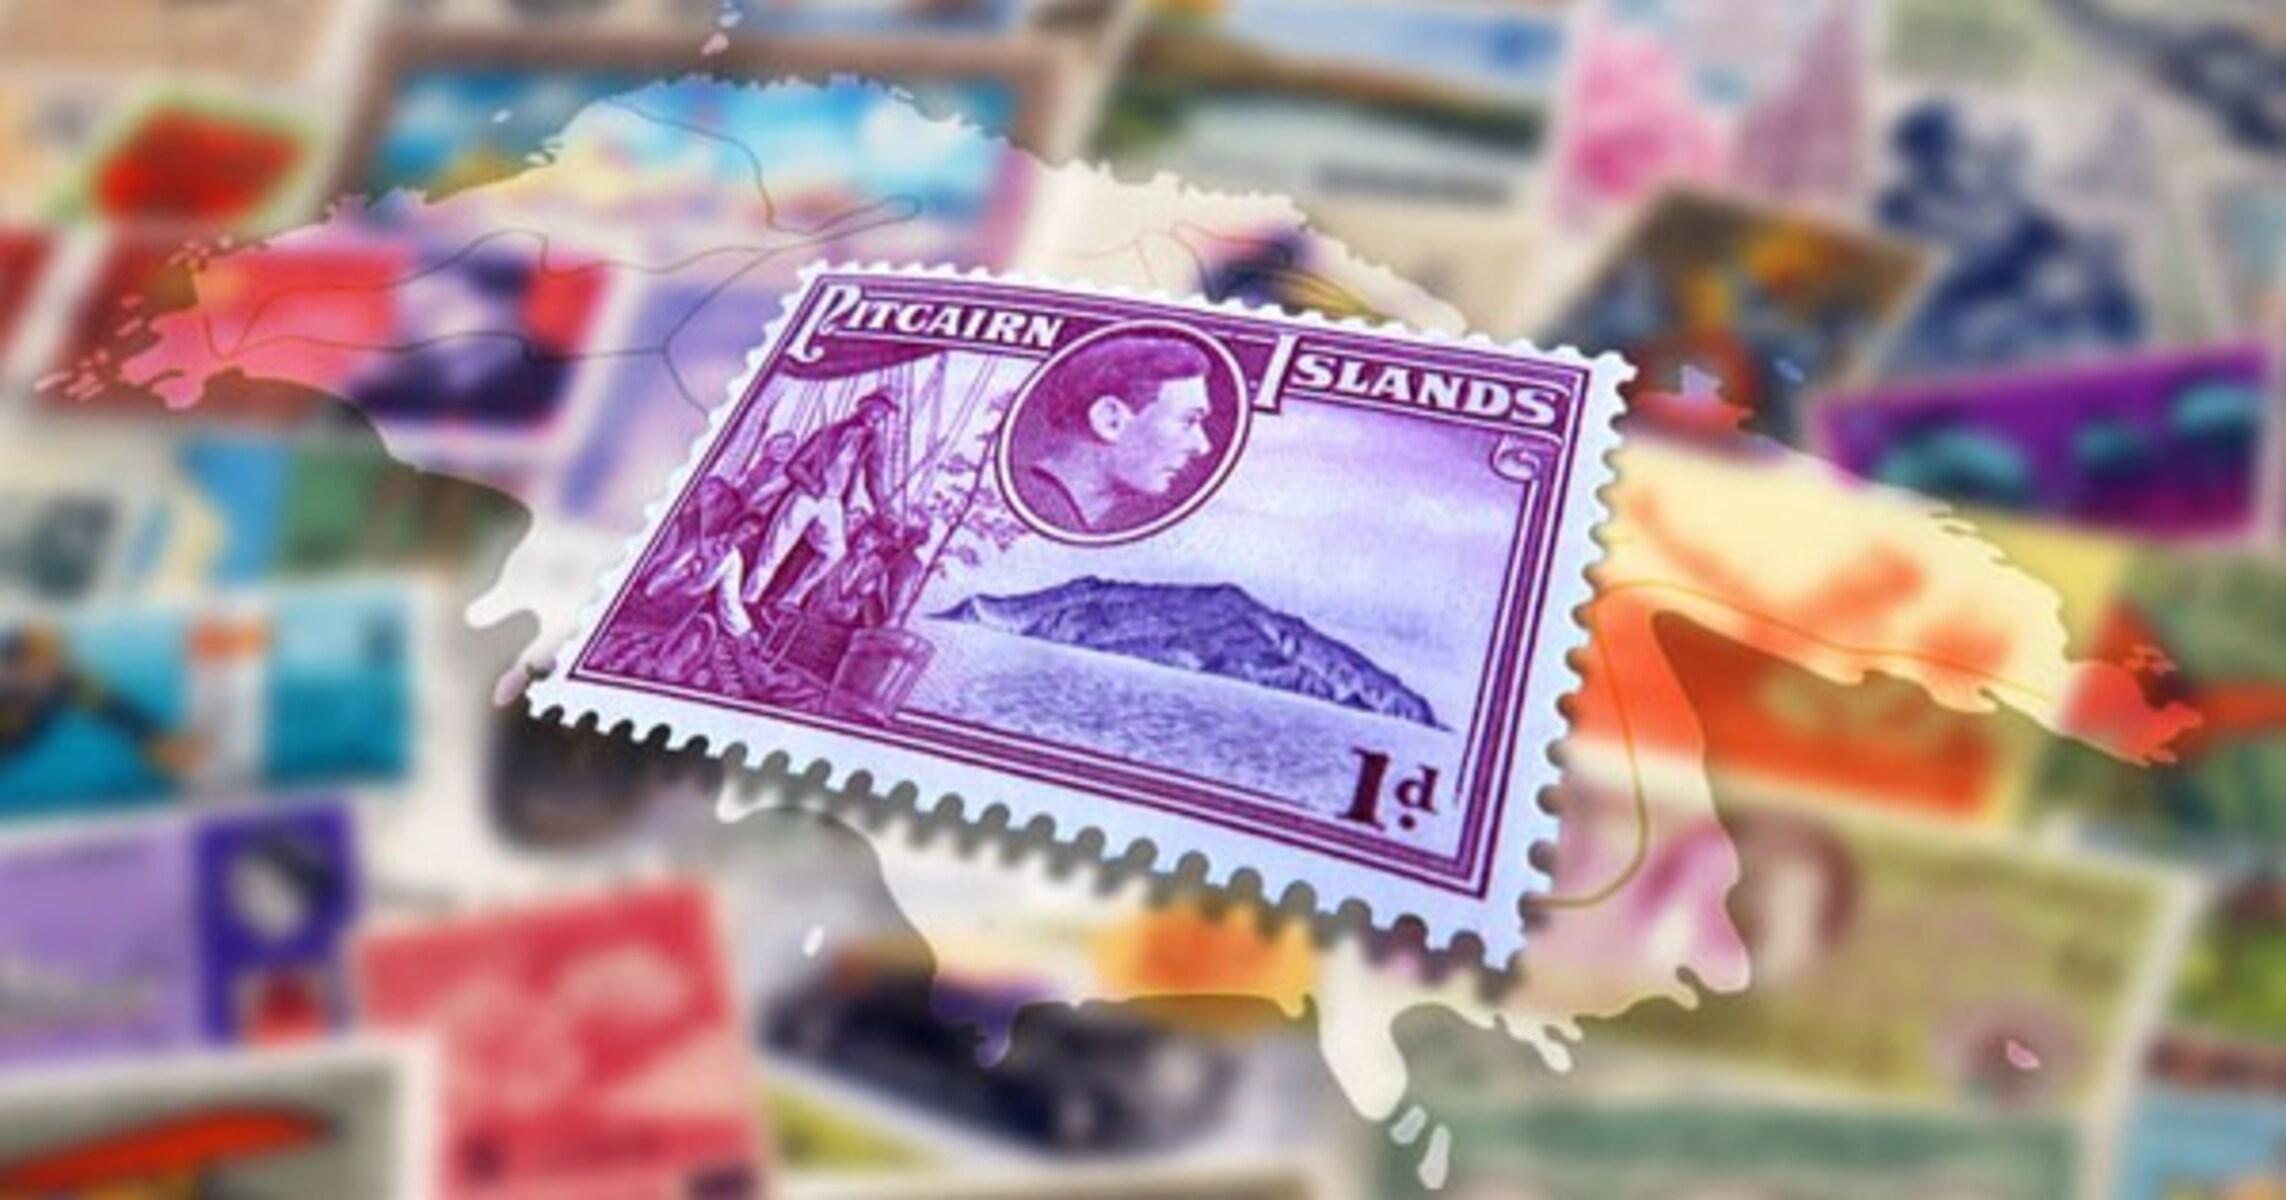 わずか50人の住民のために切手を発行──「世界最小の郵政機関」はなぜ生まれたのか?